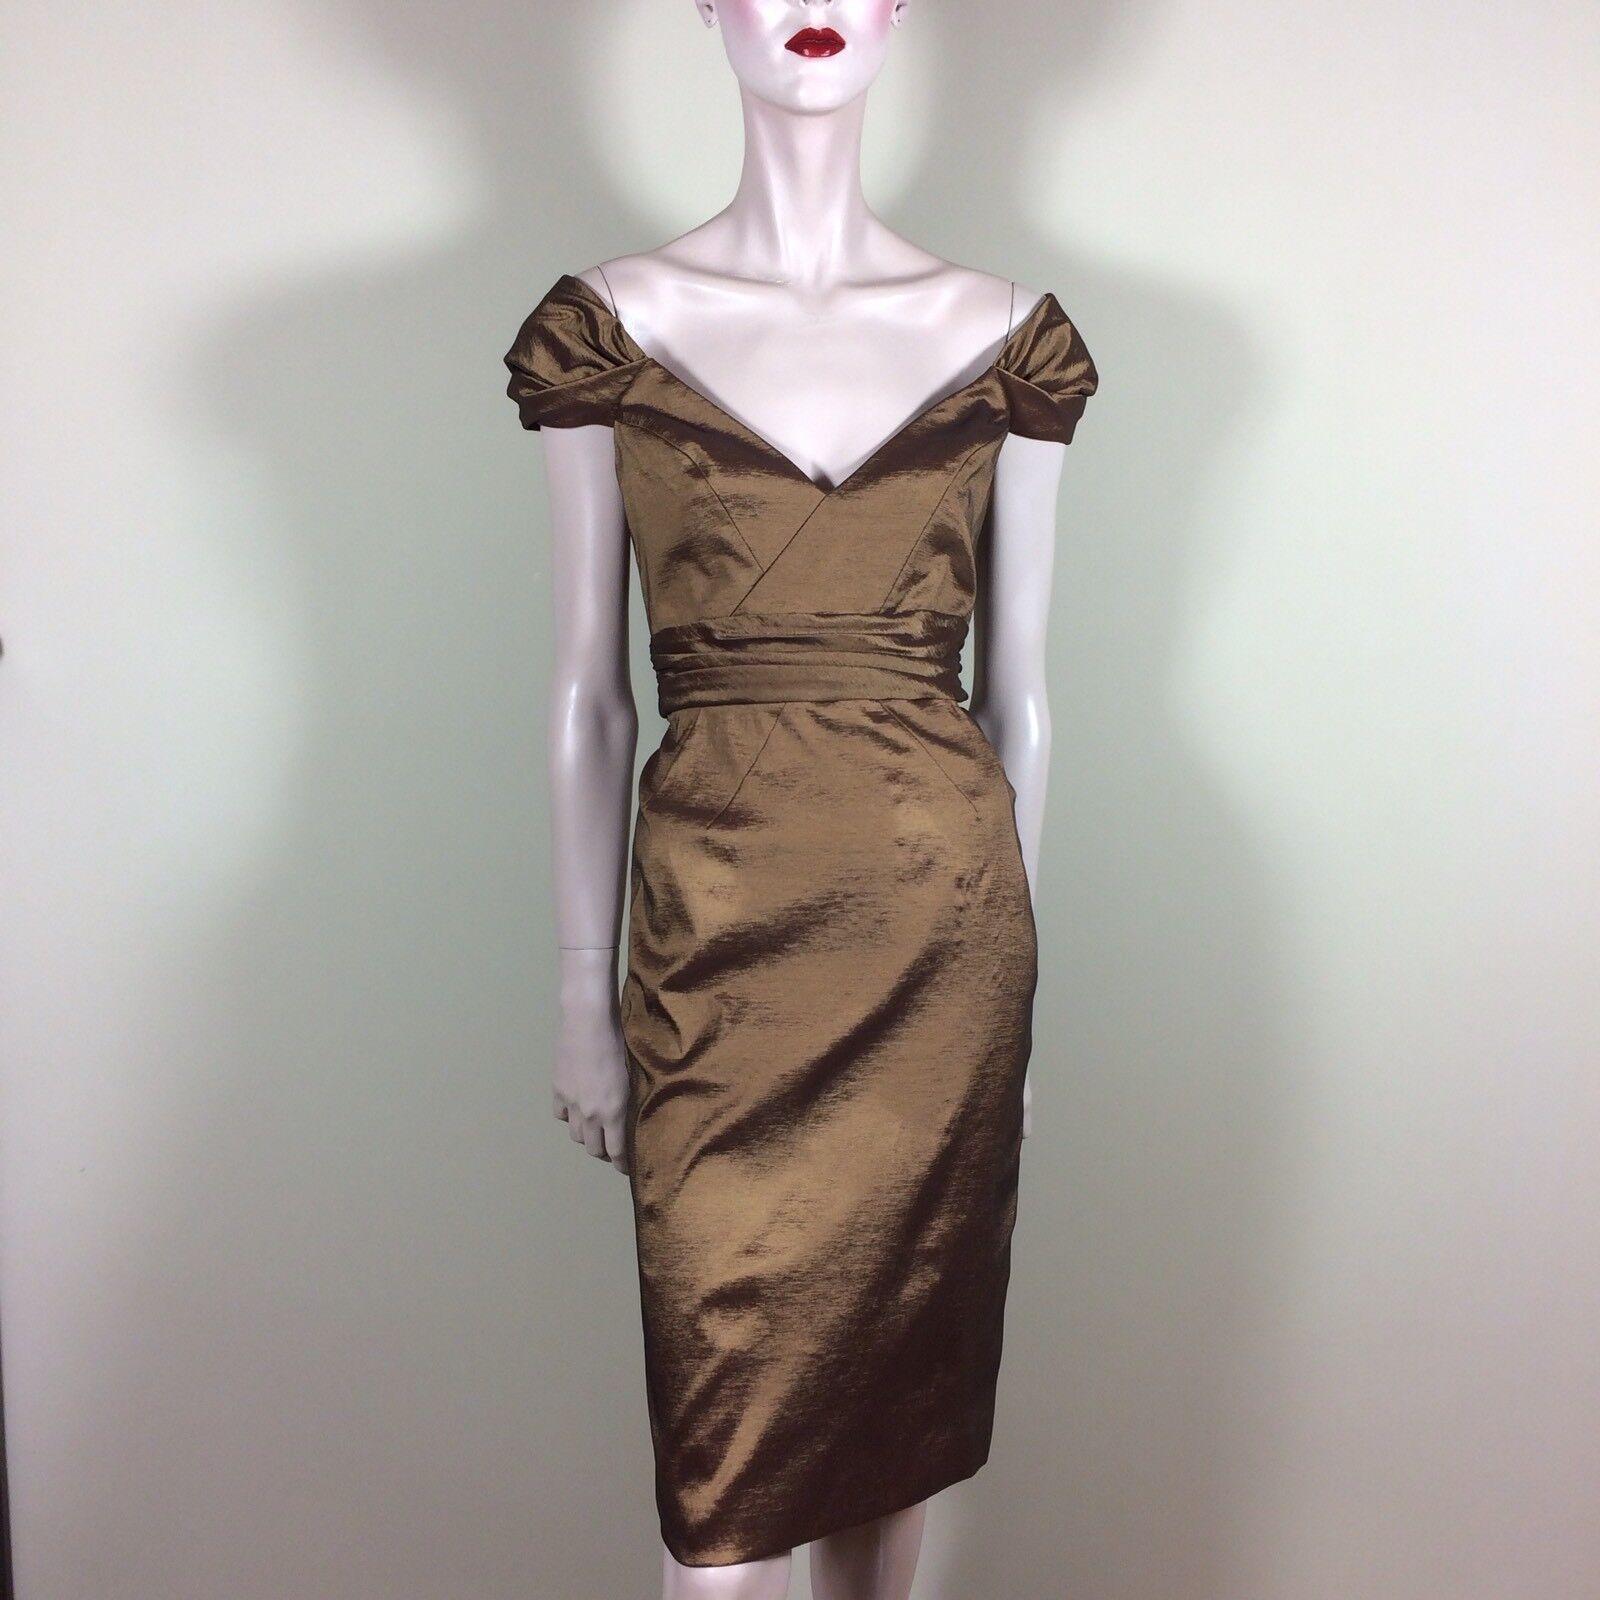 BADGLEY MISCHKA Damen Kleid M 38 Gold Eleganter Glamour Style Luxus Dress Classy